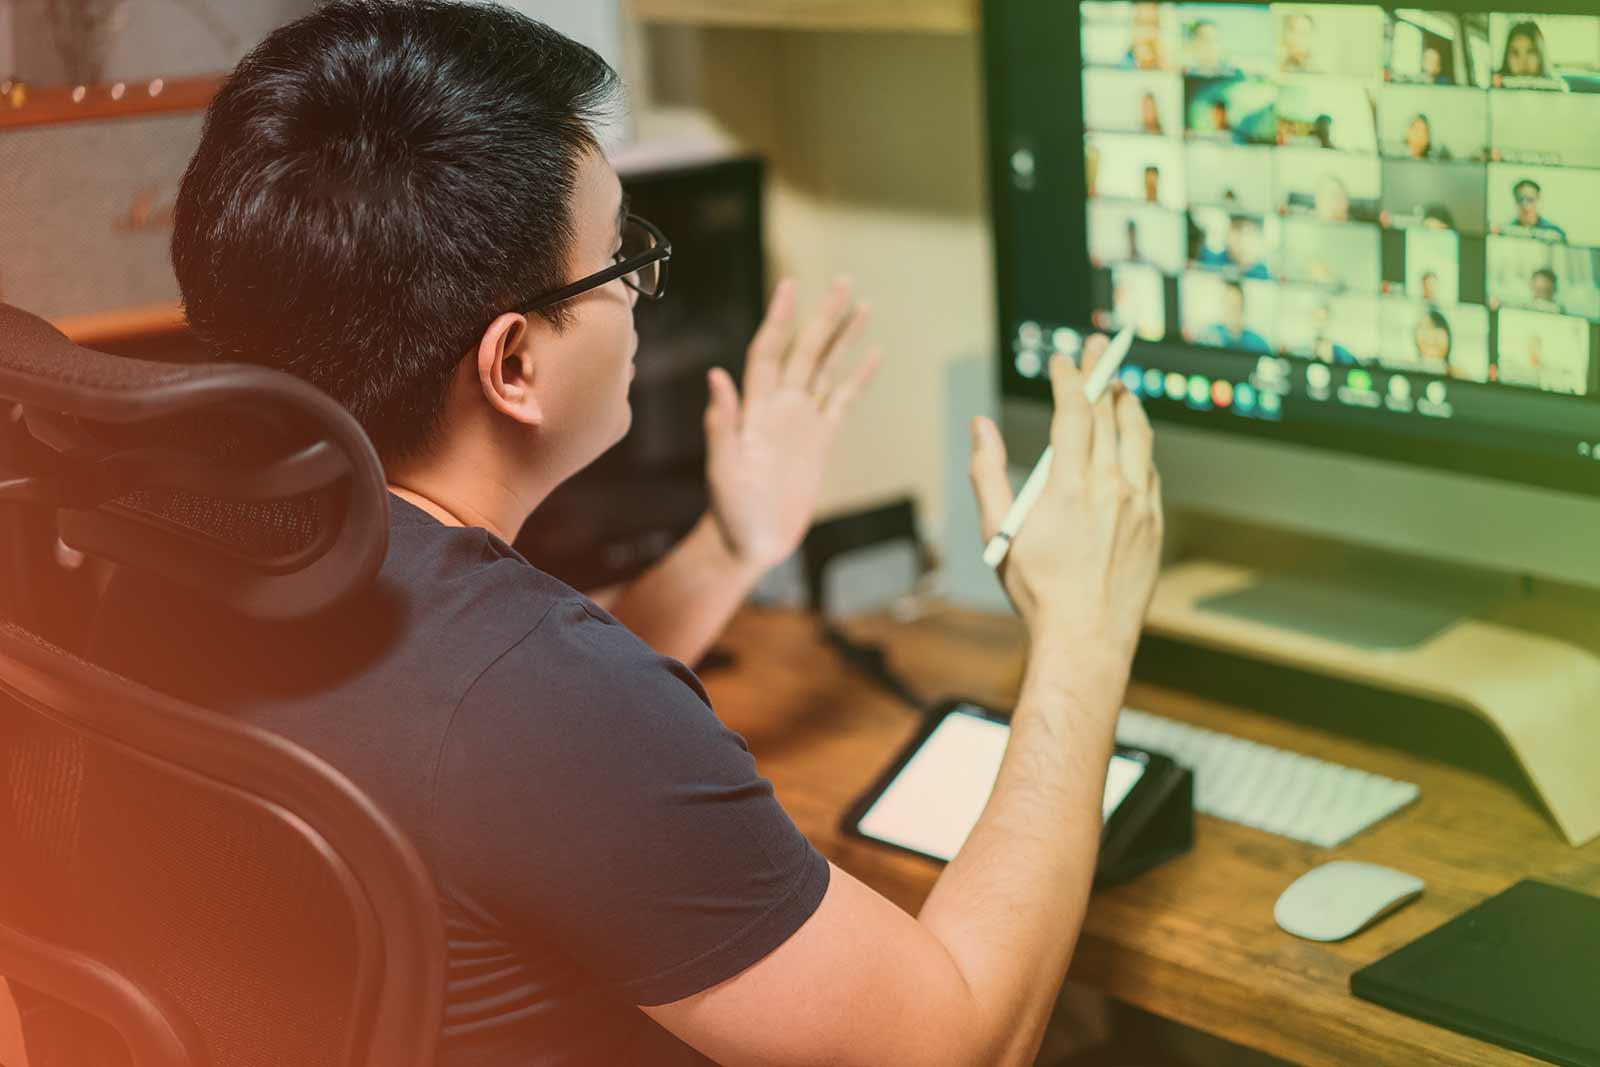 Fotografia de uma pessoa fazendo uma reunião online